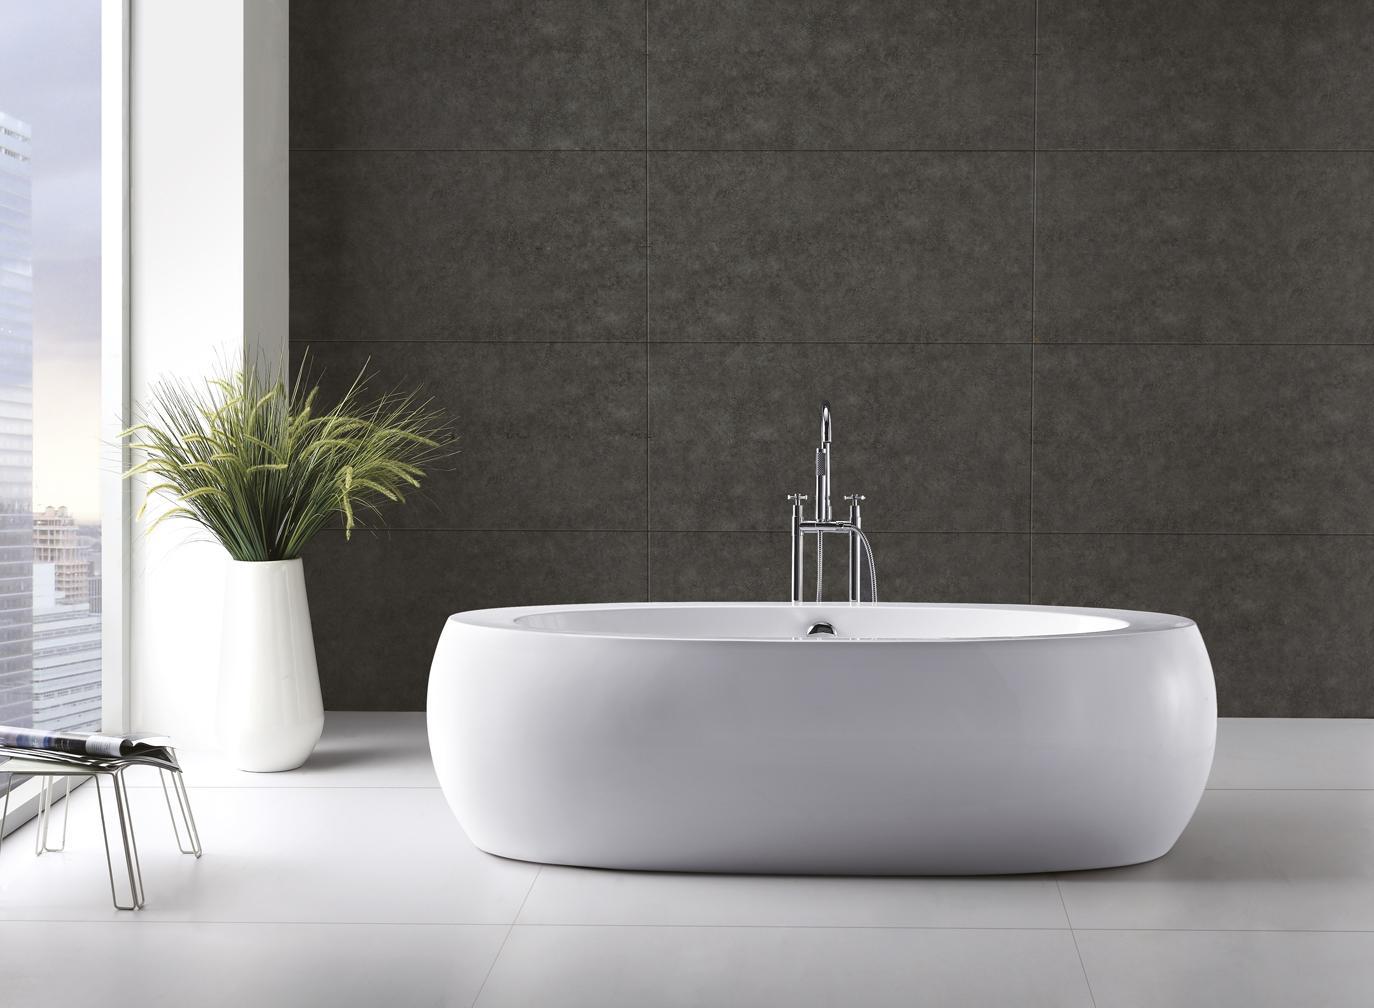 Vasca da bagno di Design